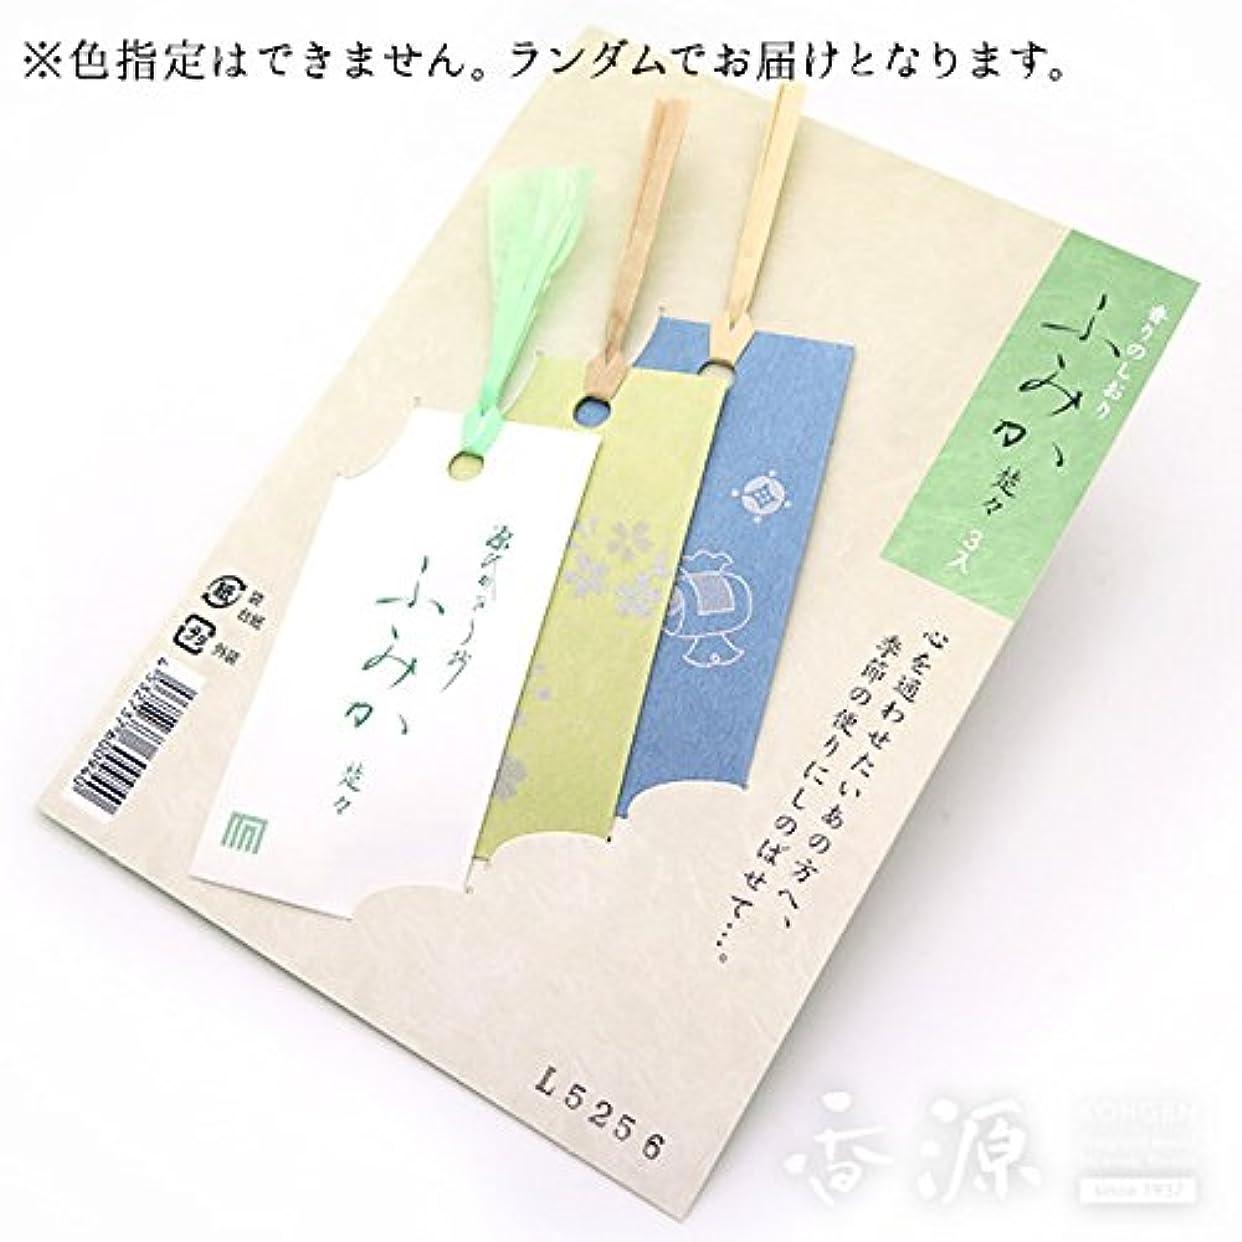 セラー白菜保証松栄堂 源氏かおり抄 『ふみか楚々』3入